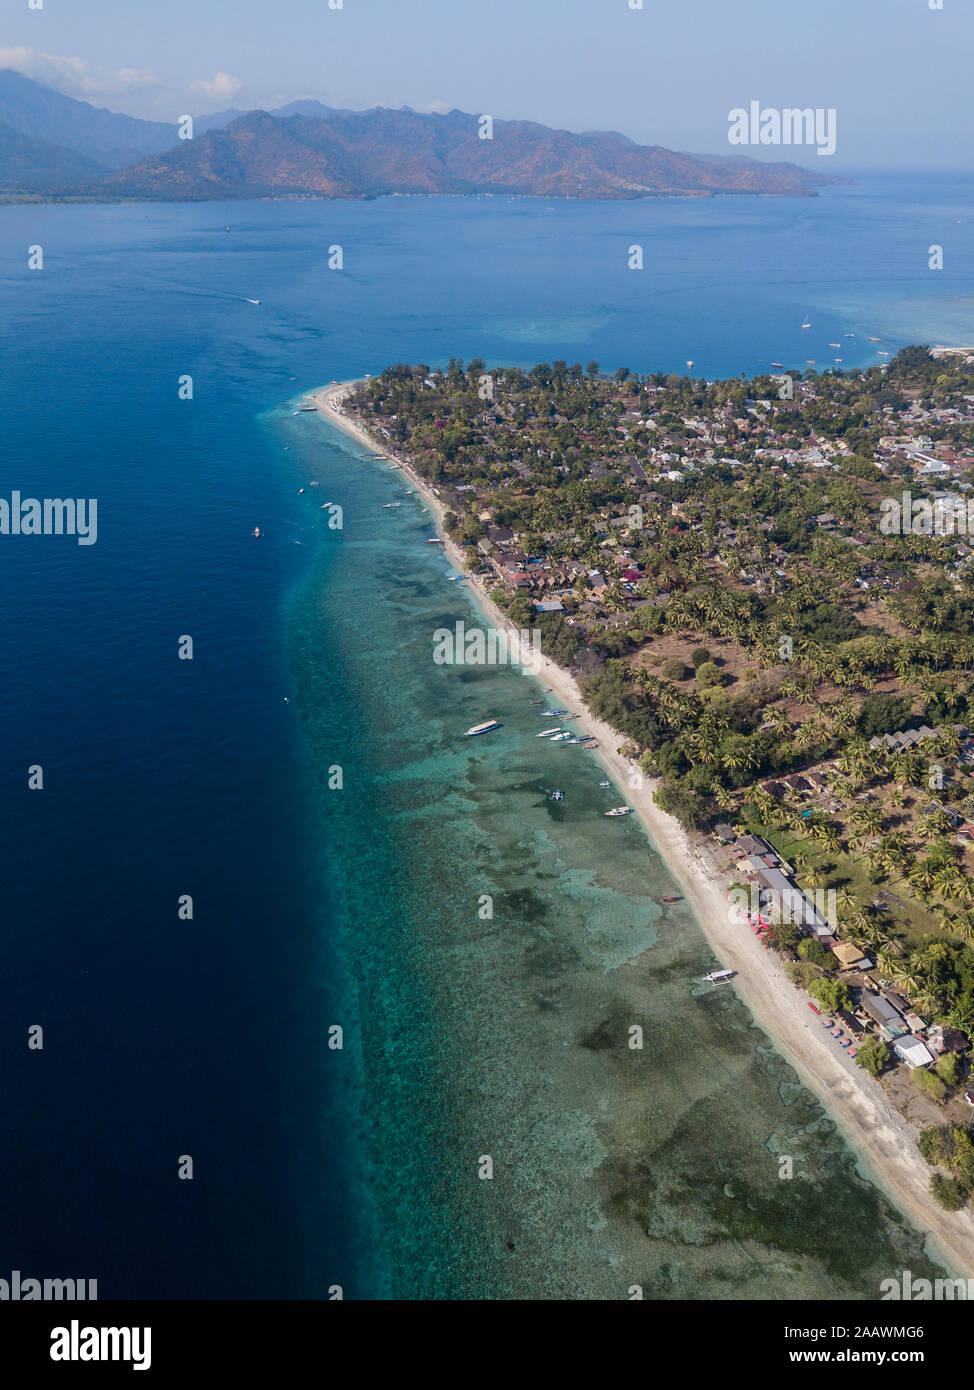 Vista aérea de la isla Gili-Air con antecedentes en la isla de Lombok, en Bali, Indonesia Foto de stock